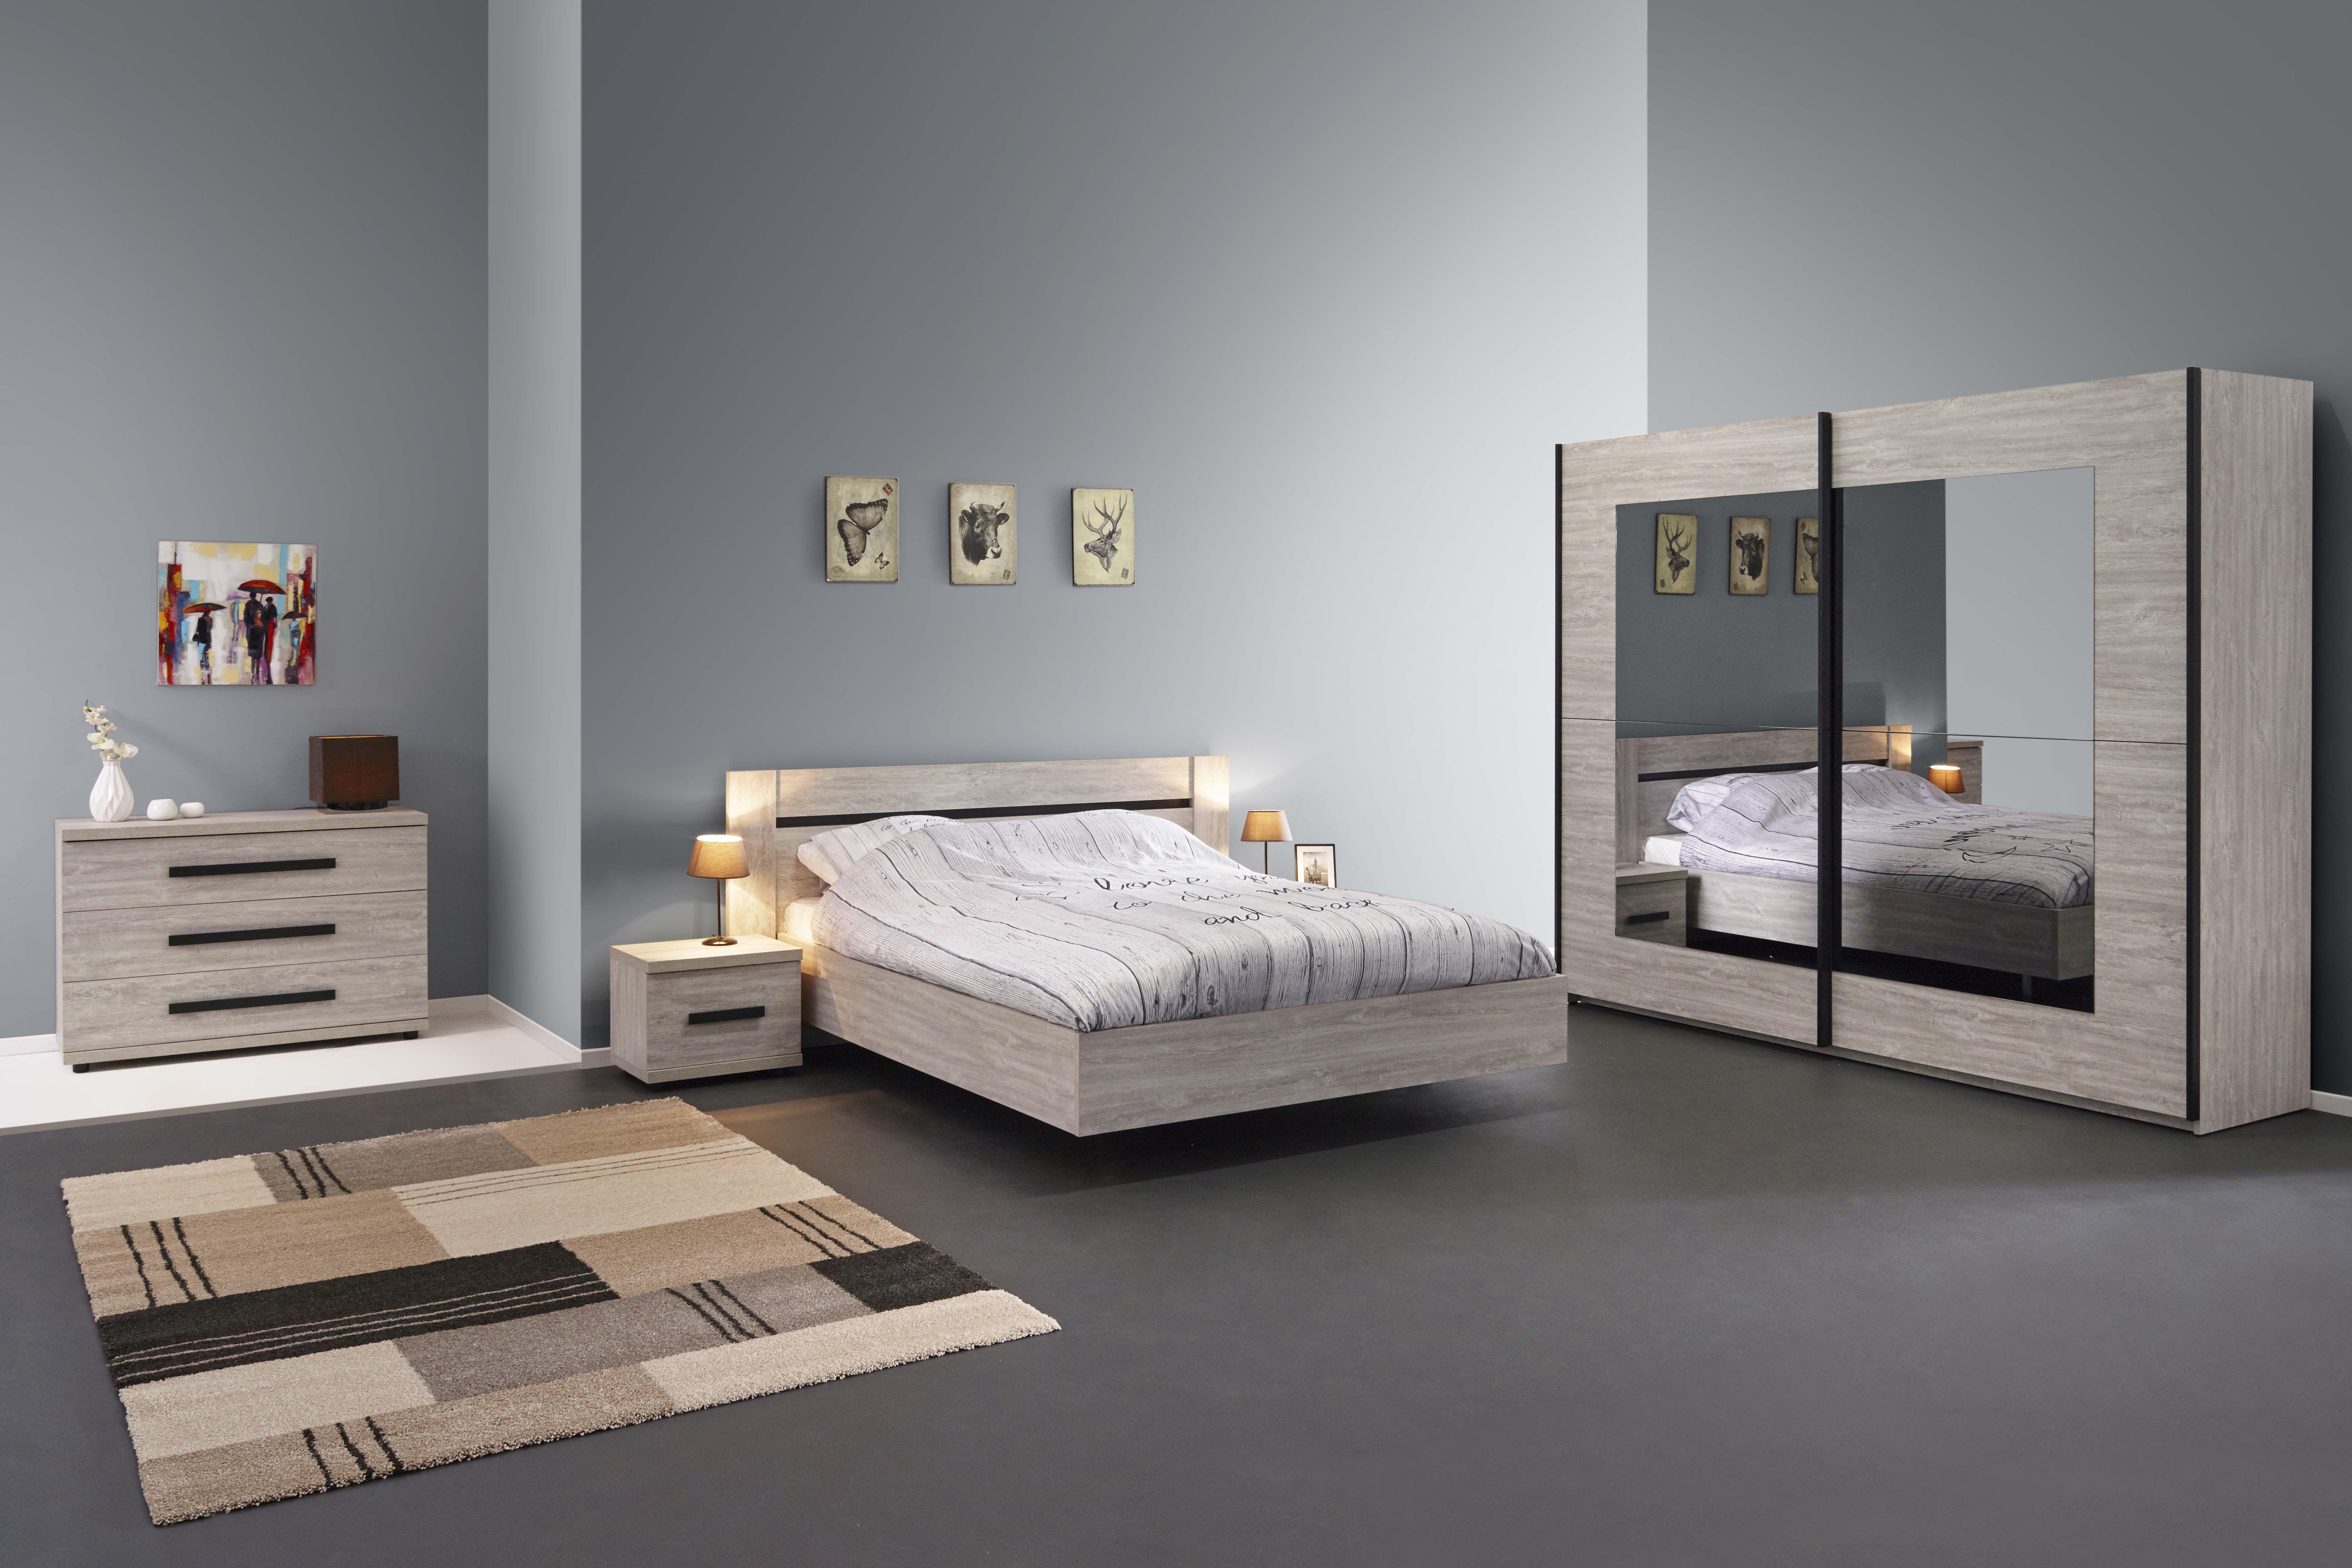 Margot Voici Notre Nouvelle Collection Margot En Decor Imitation Bois Une Splendide Chambre A Coucher Qui Donnera Du Peps A La Pie Furniture Home Decor Bed